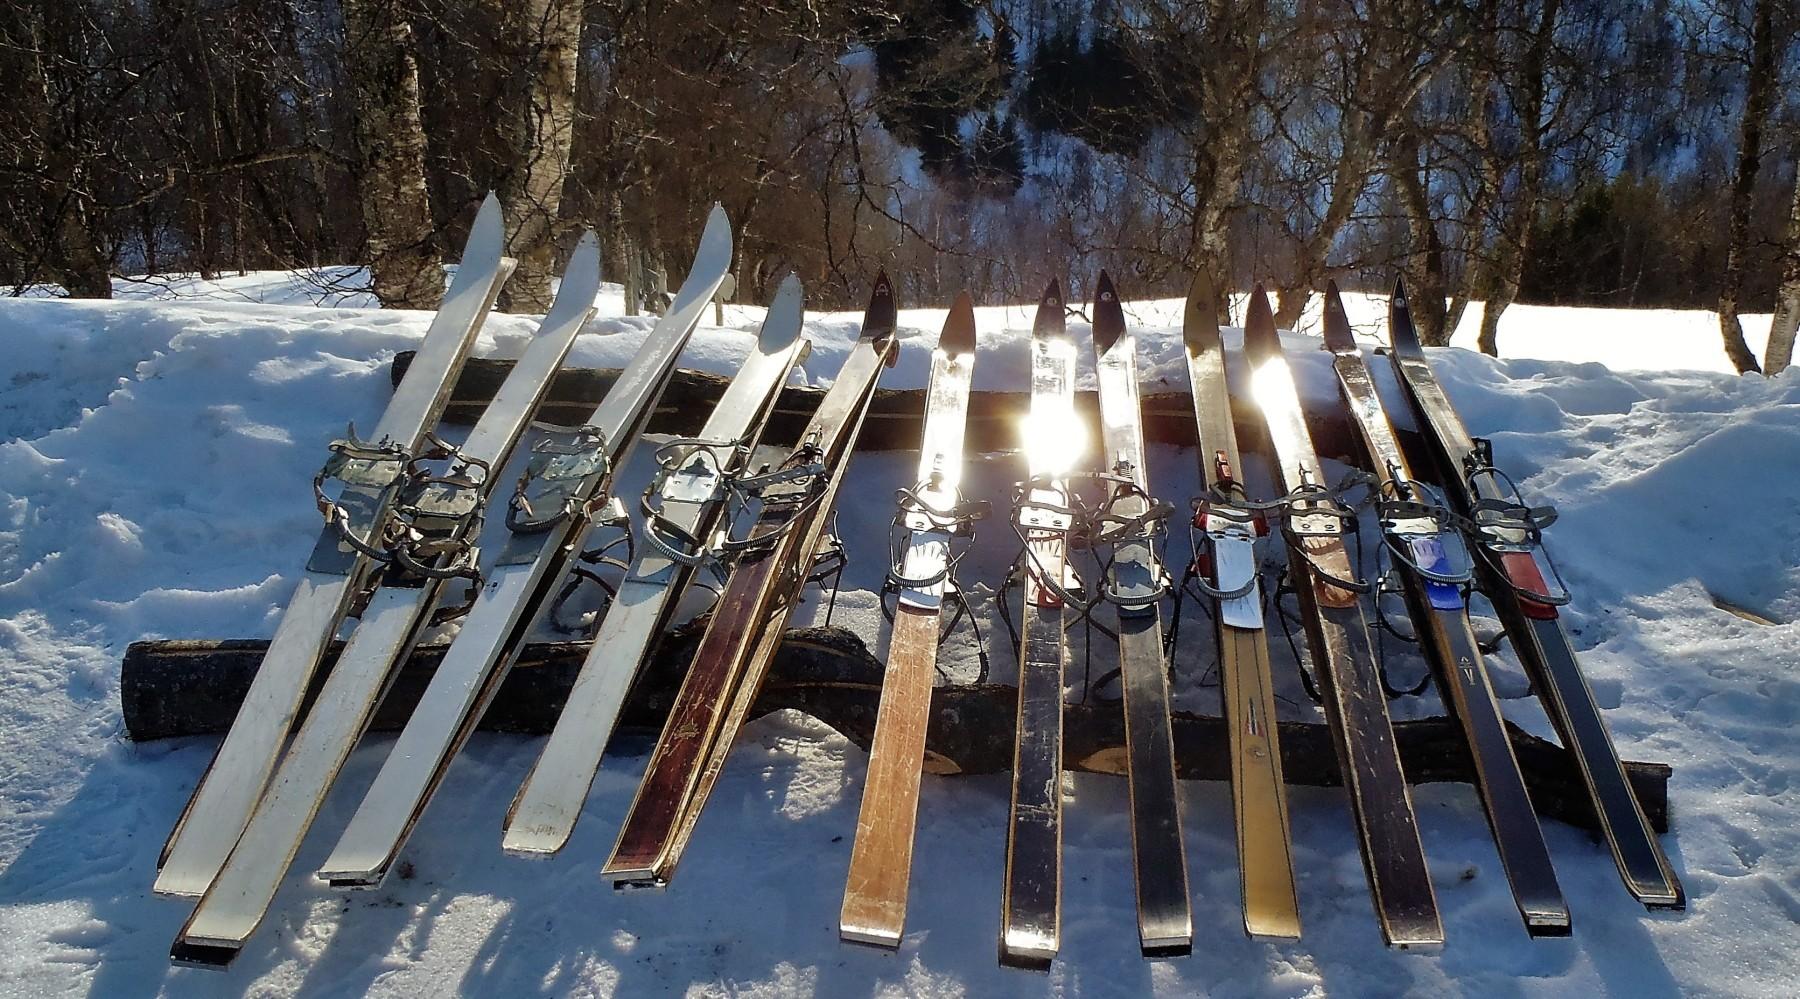 Skitourengehen auf klassischen Holzski (Bild)